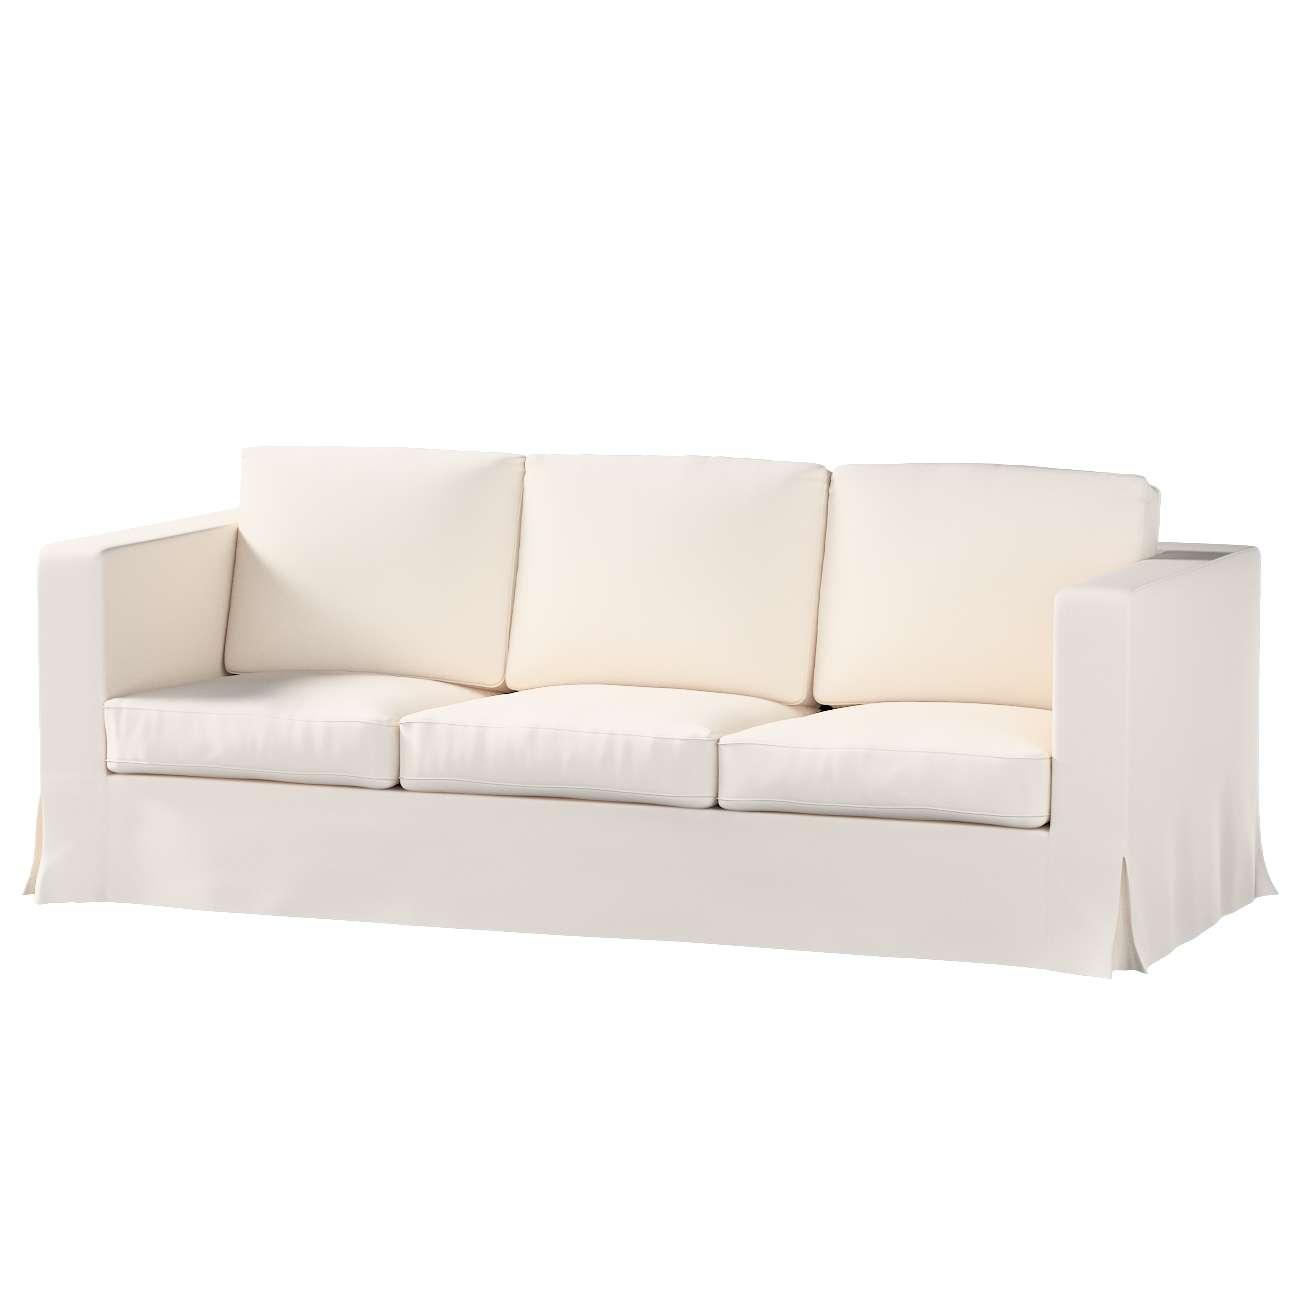 Pokrowiec na sofę Karlanda 3-osobową nierozkładaną, długi Sofa Karlanda 3-os w kolekcji Etna , tkanina: 705-01